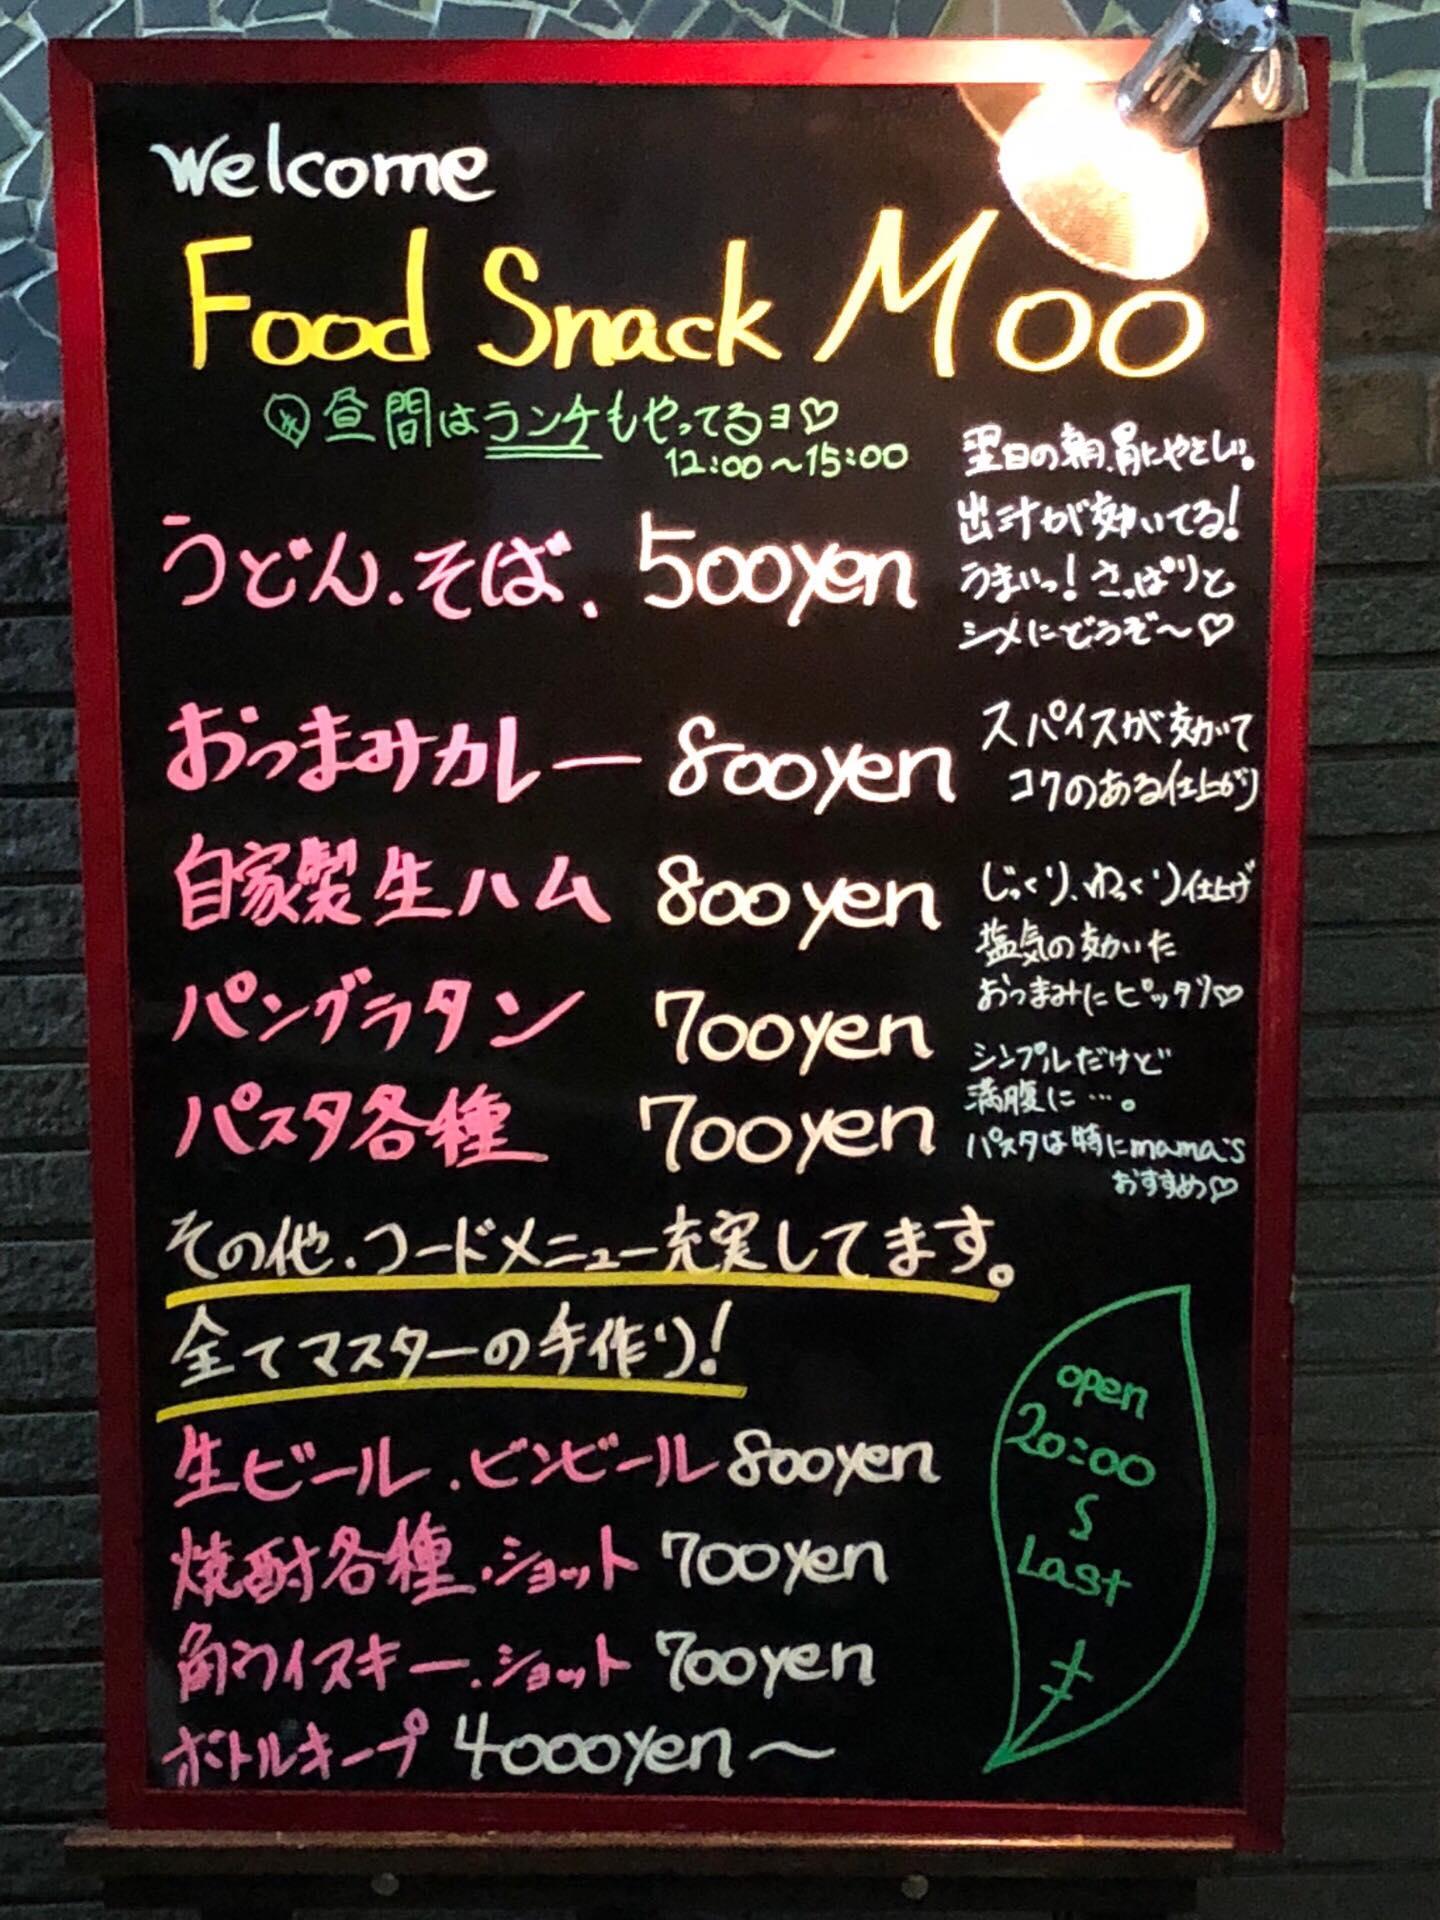 FoodSnack Moo